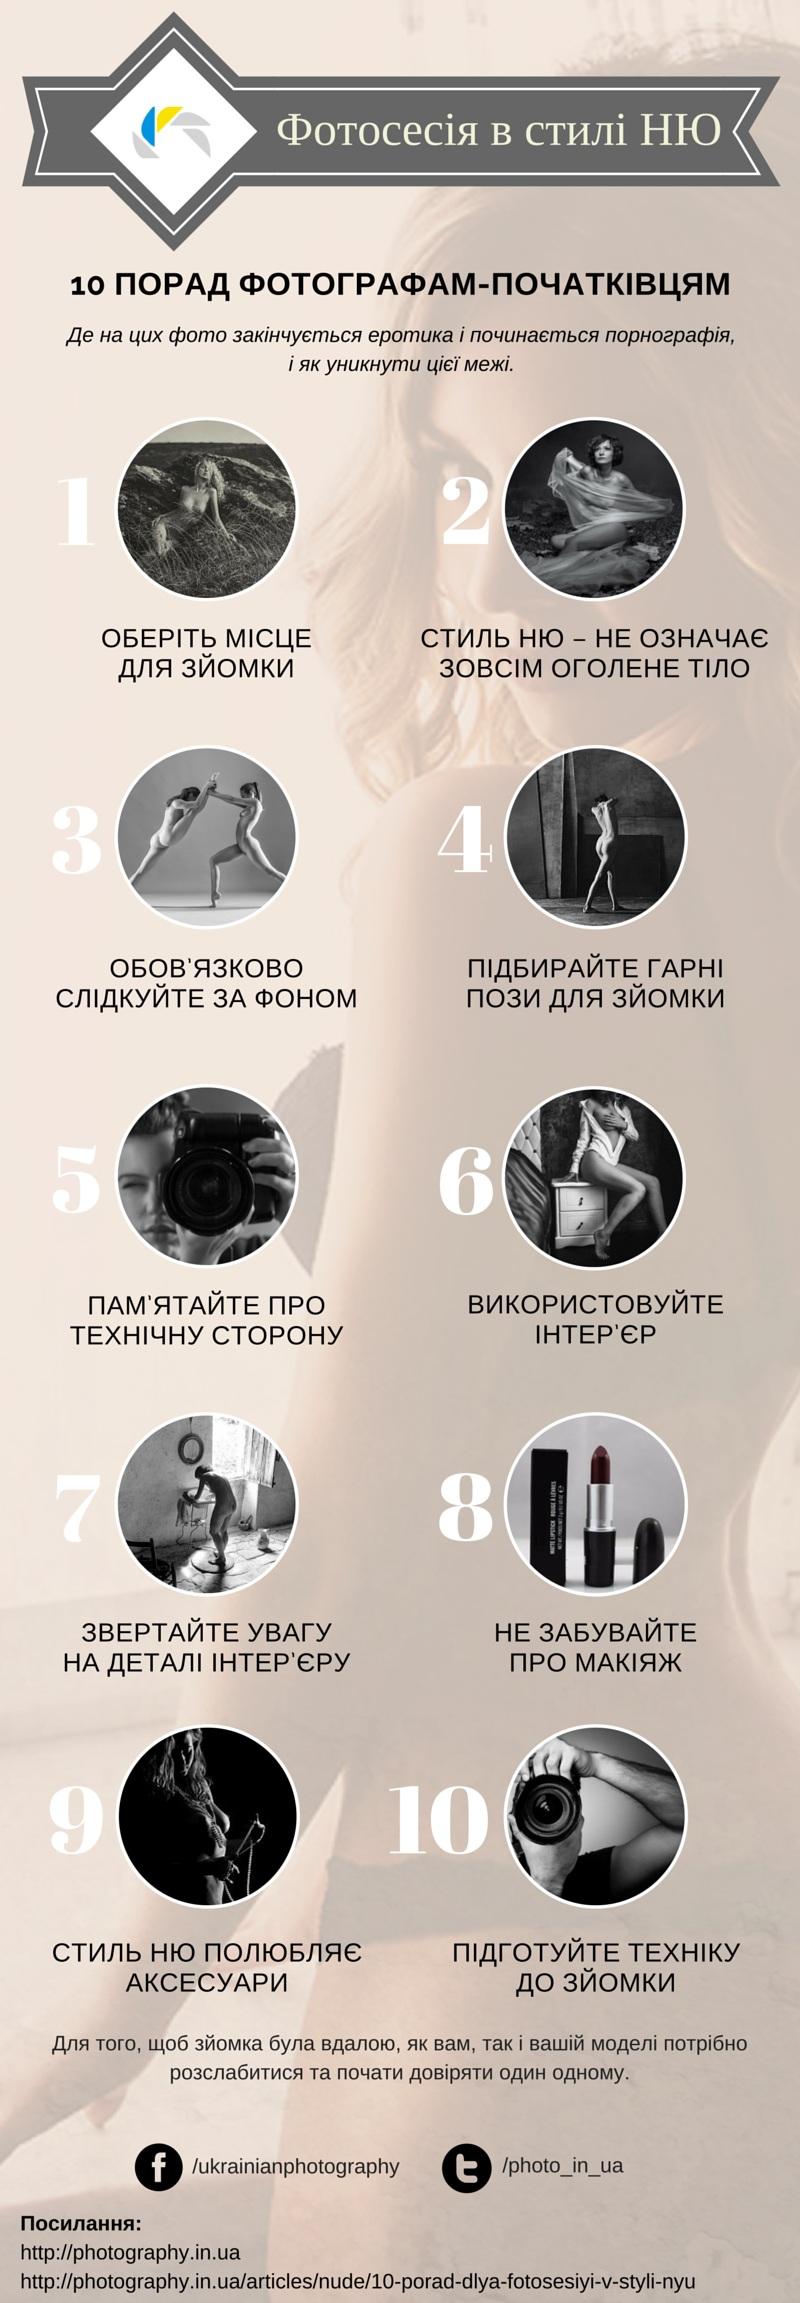 Як фотографувати НЮ. Інфографіка